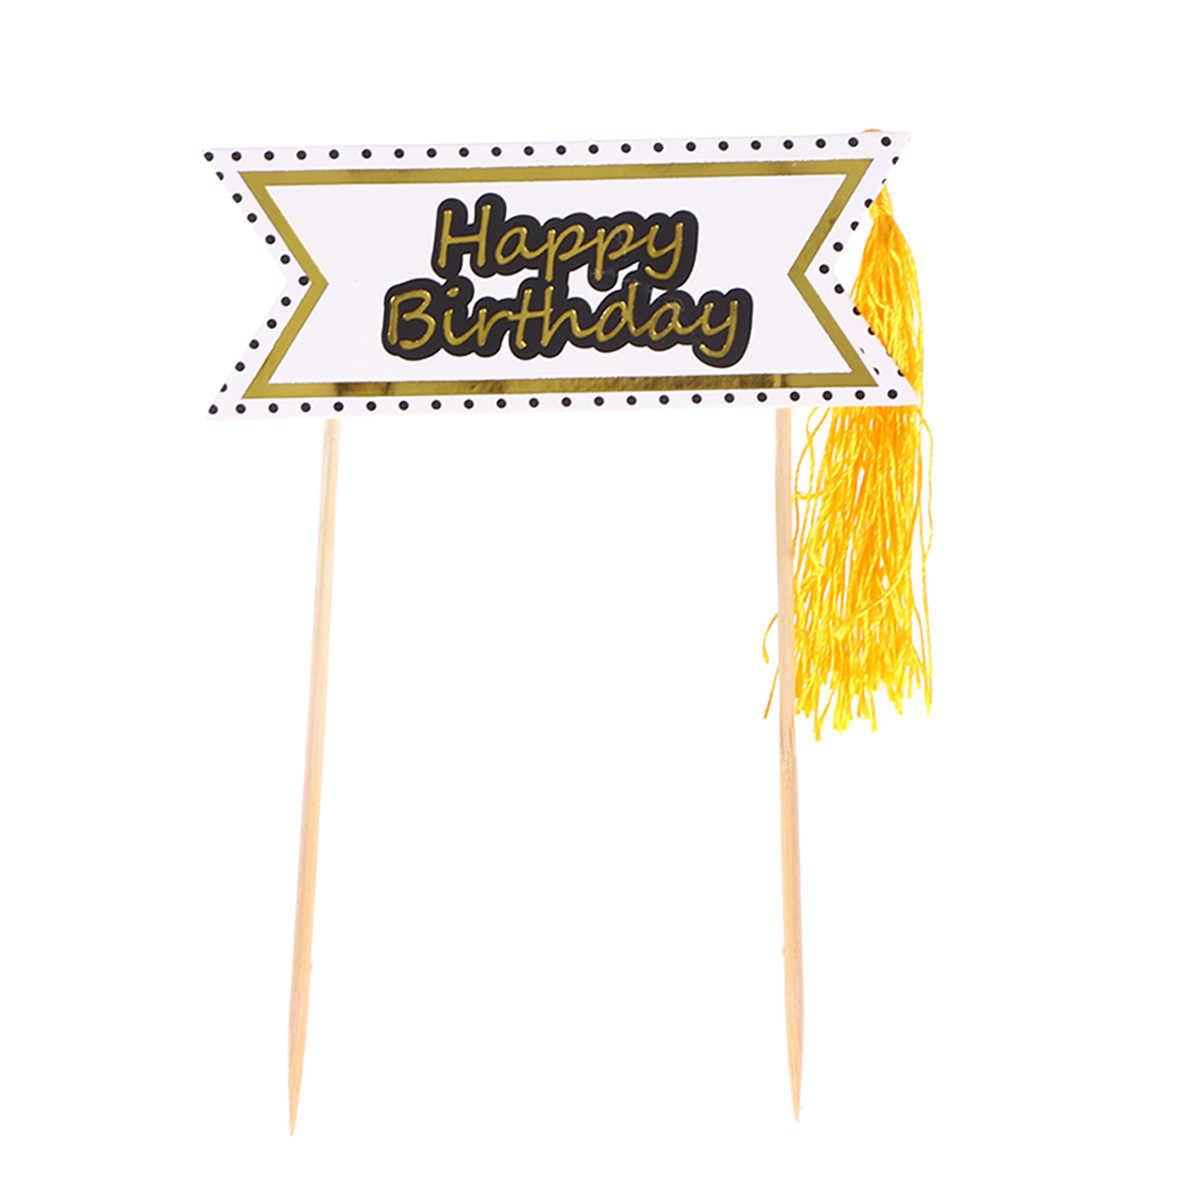 Chapéus de Coco do queque chapéus de Coco Do Bolo da Festa de Aniversário de Papel Sobremesa Cupcake Decoração de Mesa Decoração Do Bolo Cartão da Inserção